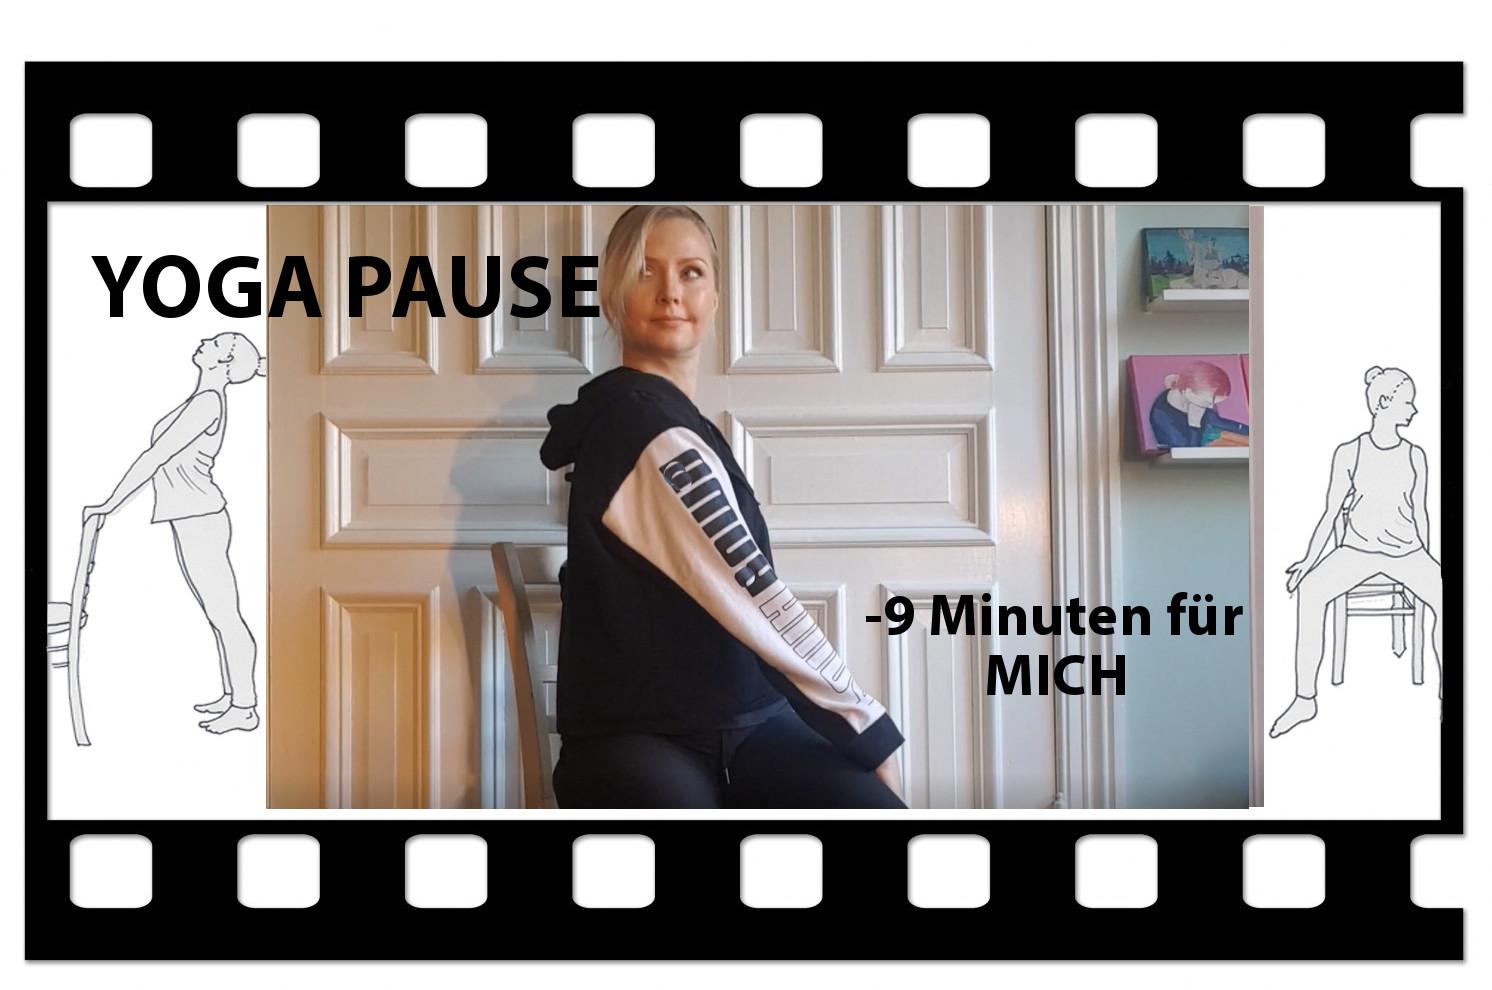 """Michelle Laise sitzt in der Yogahaltung Drehsitz auf dem Stuhl. Der Titel """"Yogapause: 9 Minuten für mich"""" und das Videosymbol zeigen, dass es hier zur Videoanleitung geht."""